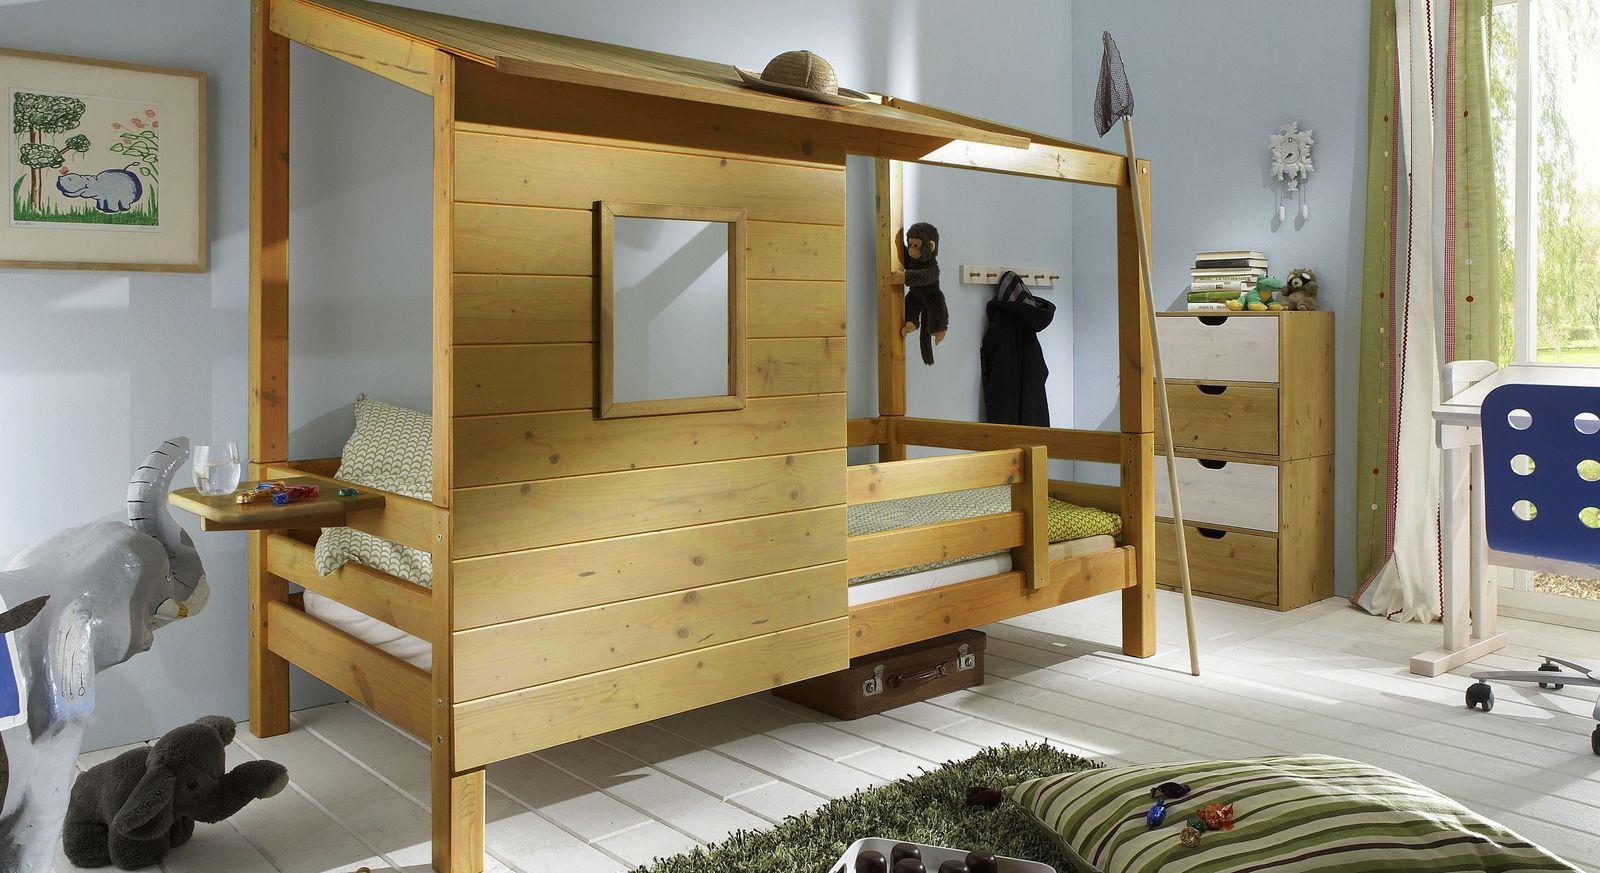 Abenteuerbett Kids Paradise in Kiefer gelaugt und geölt